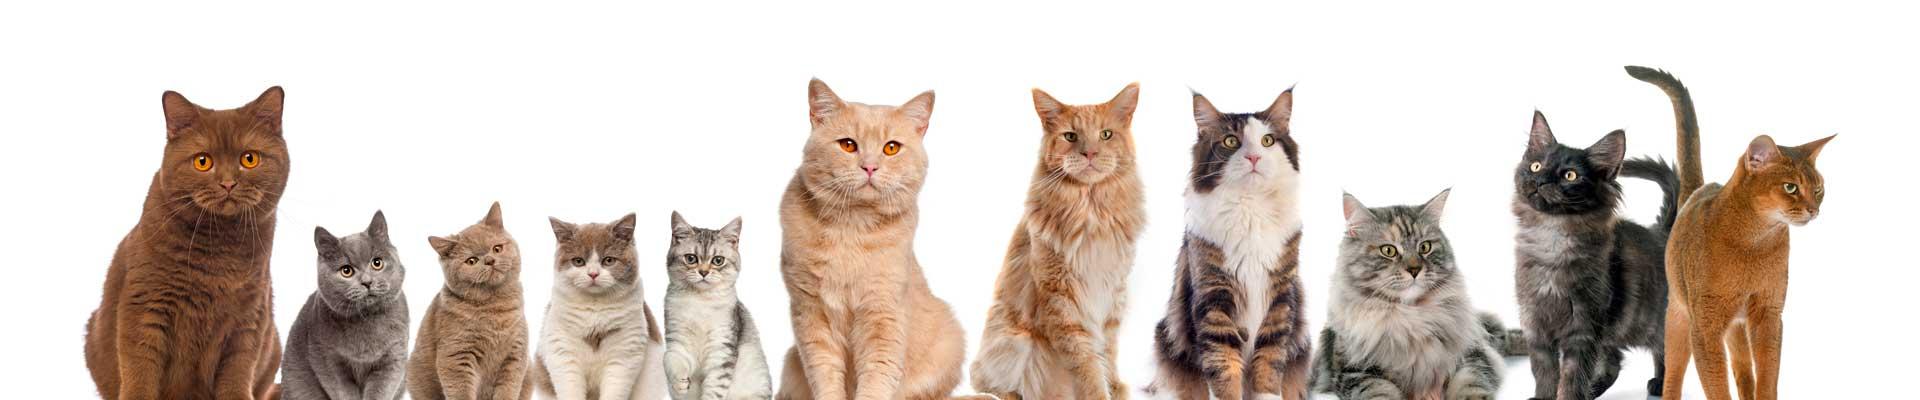 Katten Dierenarts Beetsterzwaag